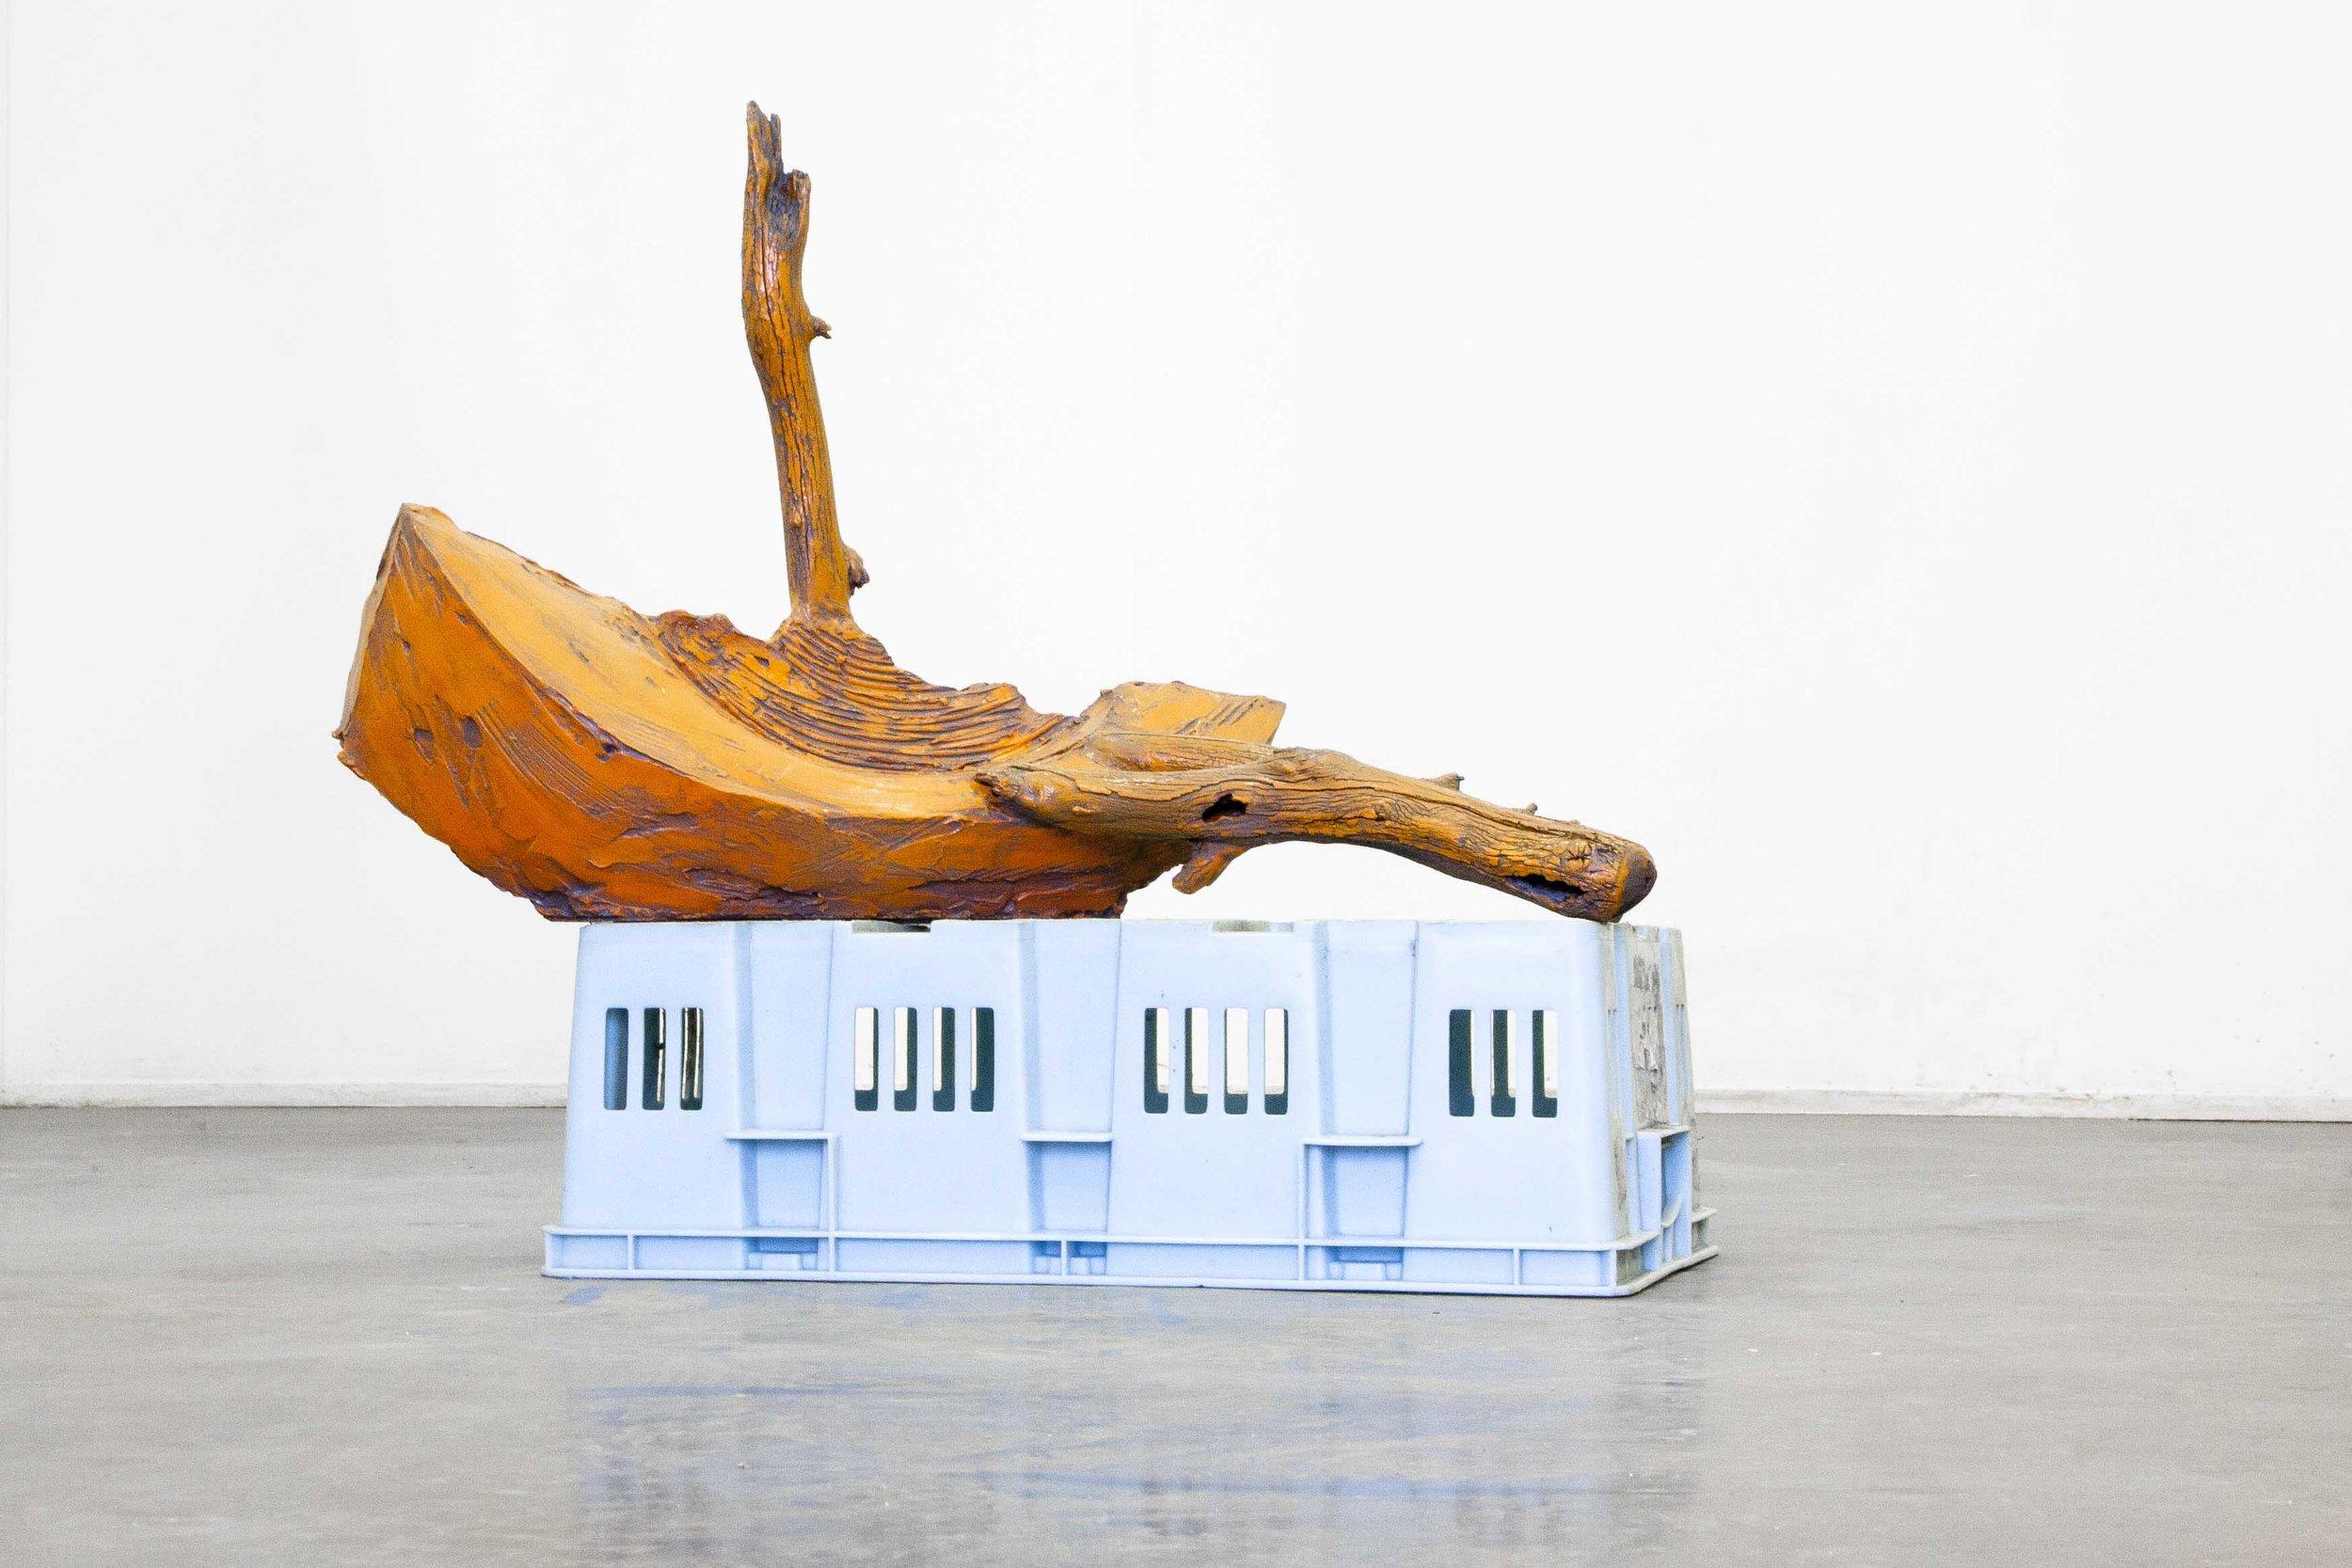 Alex Lyne, voyage,2016, plaster, wood, plastic and automotive paint,64 x 70 x 40cm